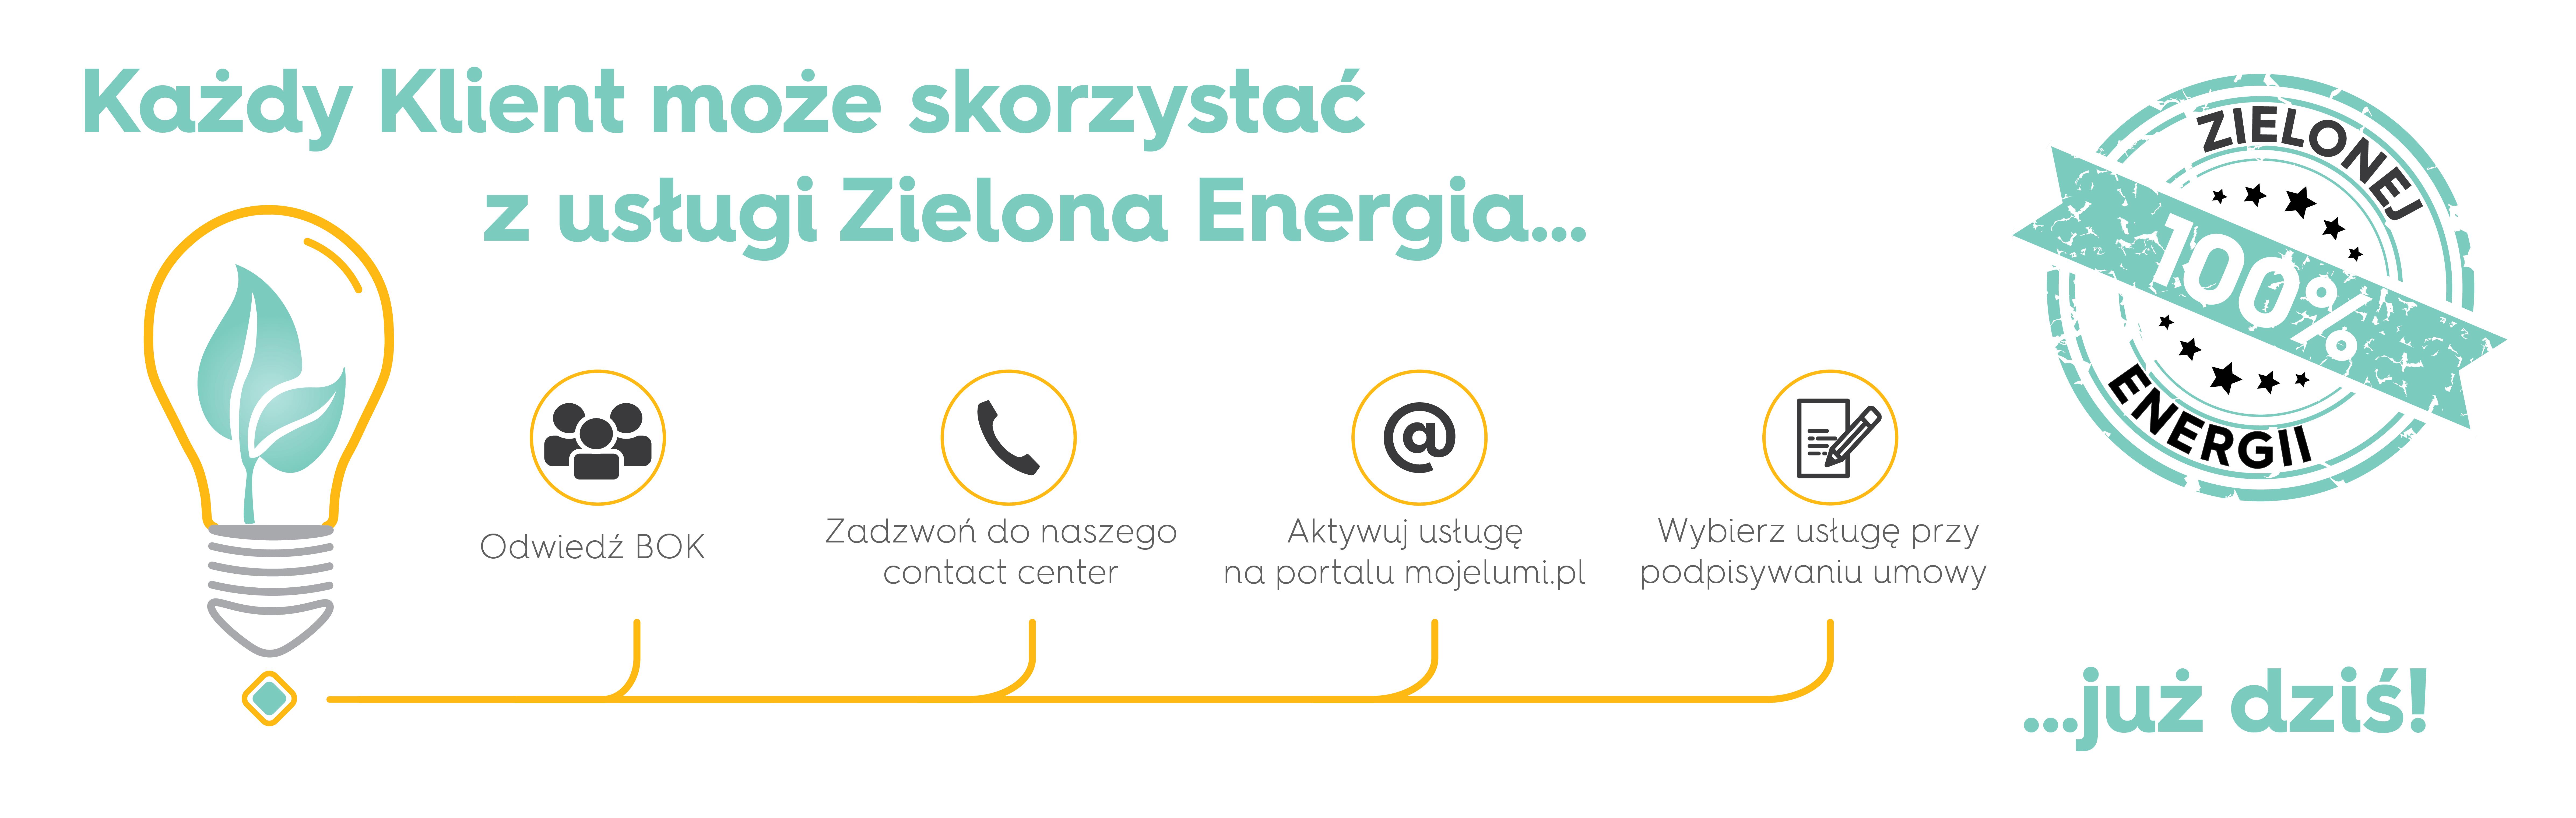 Każdy klient może skorzystać z usługi Zielona Energia